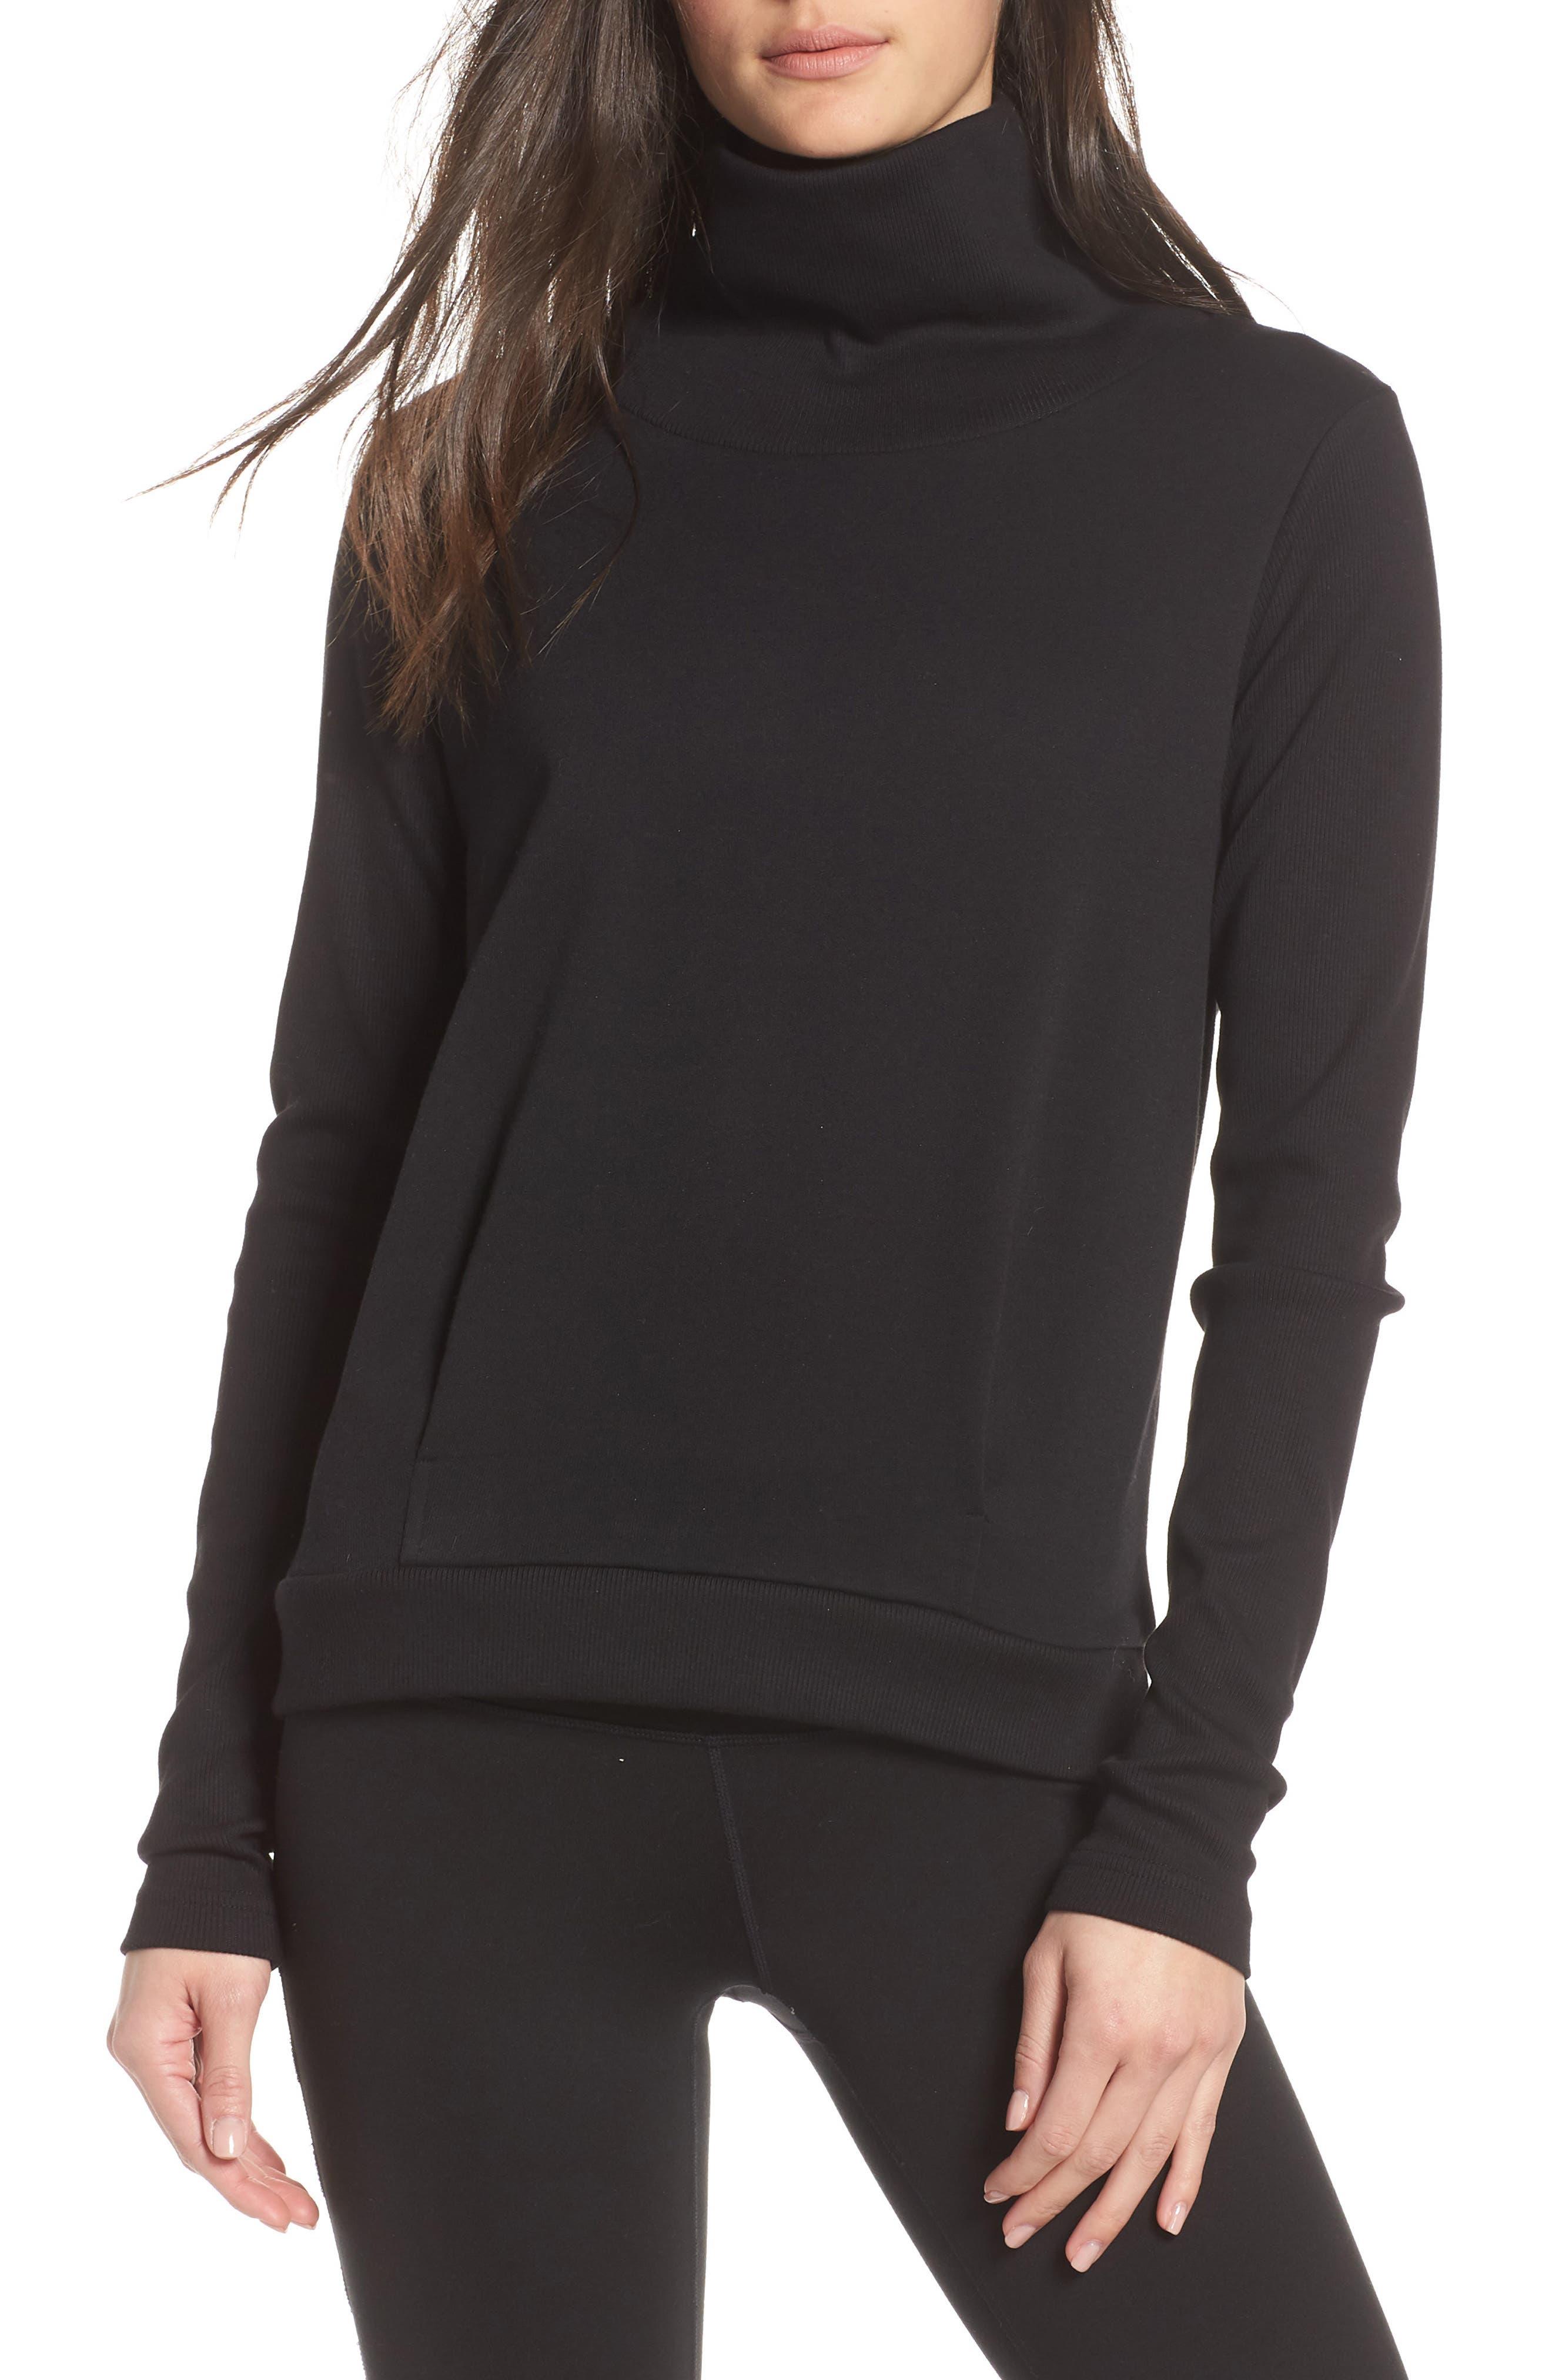 ALO, Clarity Long Sleeve Sweatshirt, Main thumbnail 1, color, BLACK